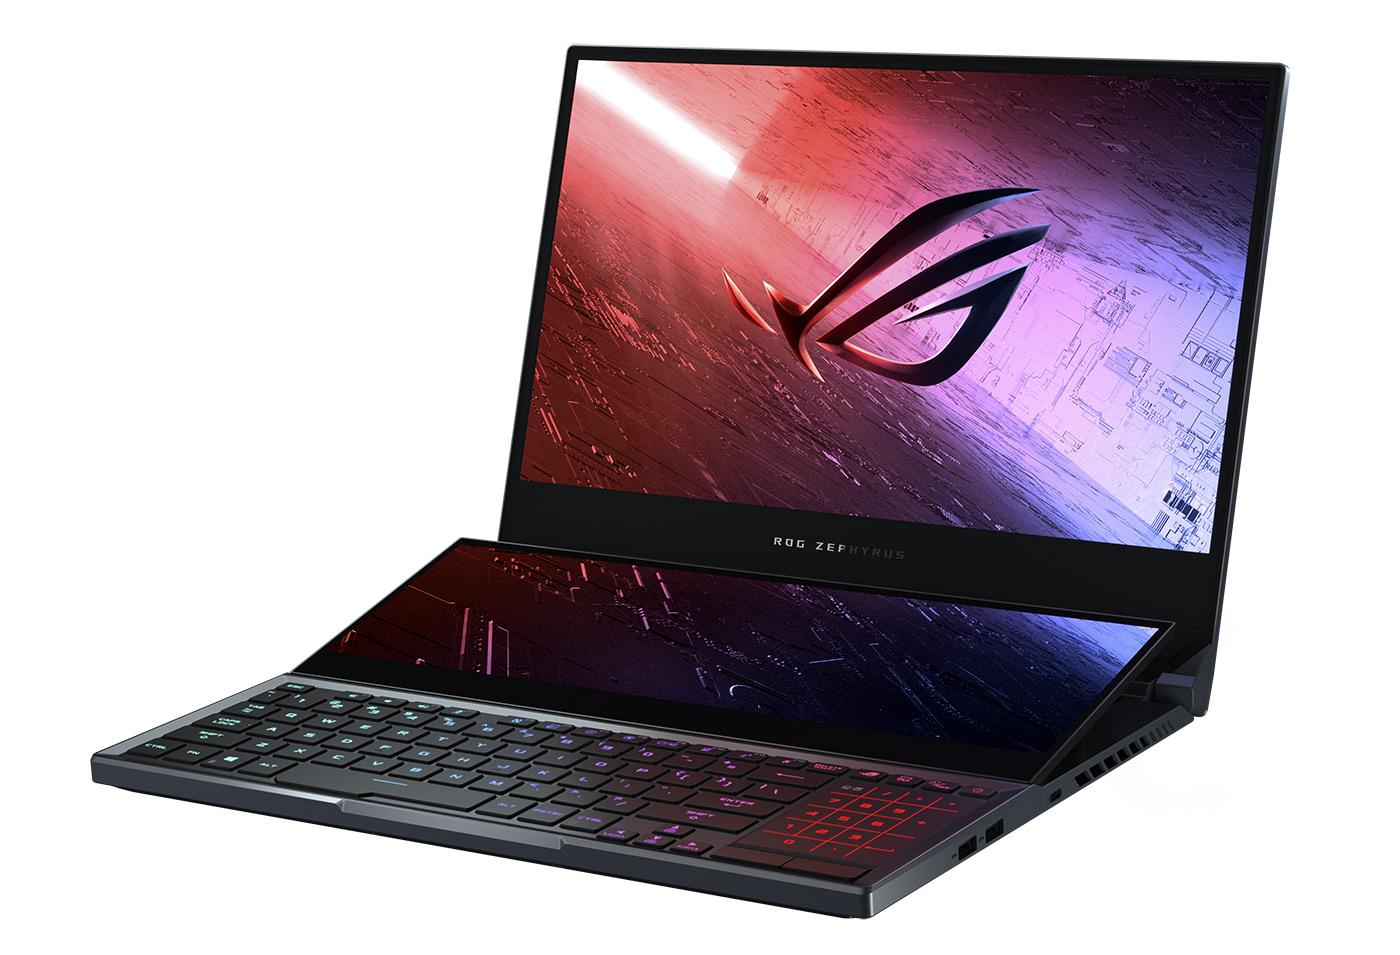 ASUS демонстрирует игровые ноутбуки Republic of Gamers (ROG) - ITnews | 955x1400